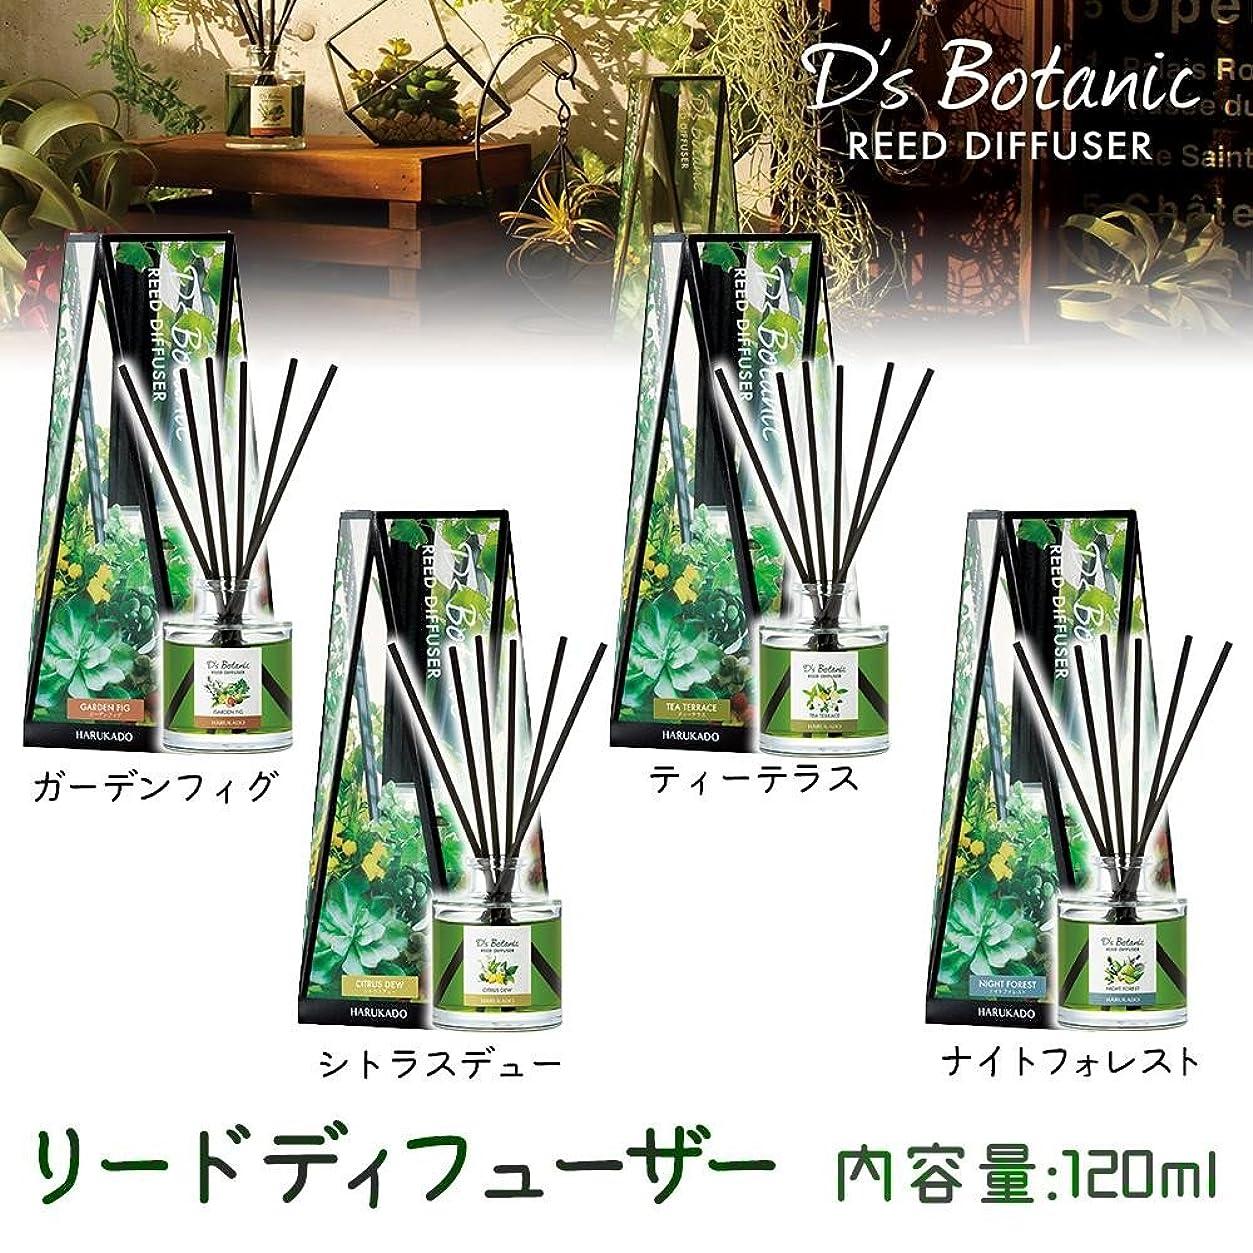 違うサイレンマチュピチュD'S Botanic(デイズボタニック) リードディフューザー ルームフレグランス 120ml ガーデンフィグ?6228【人気 おすすめ 】